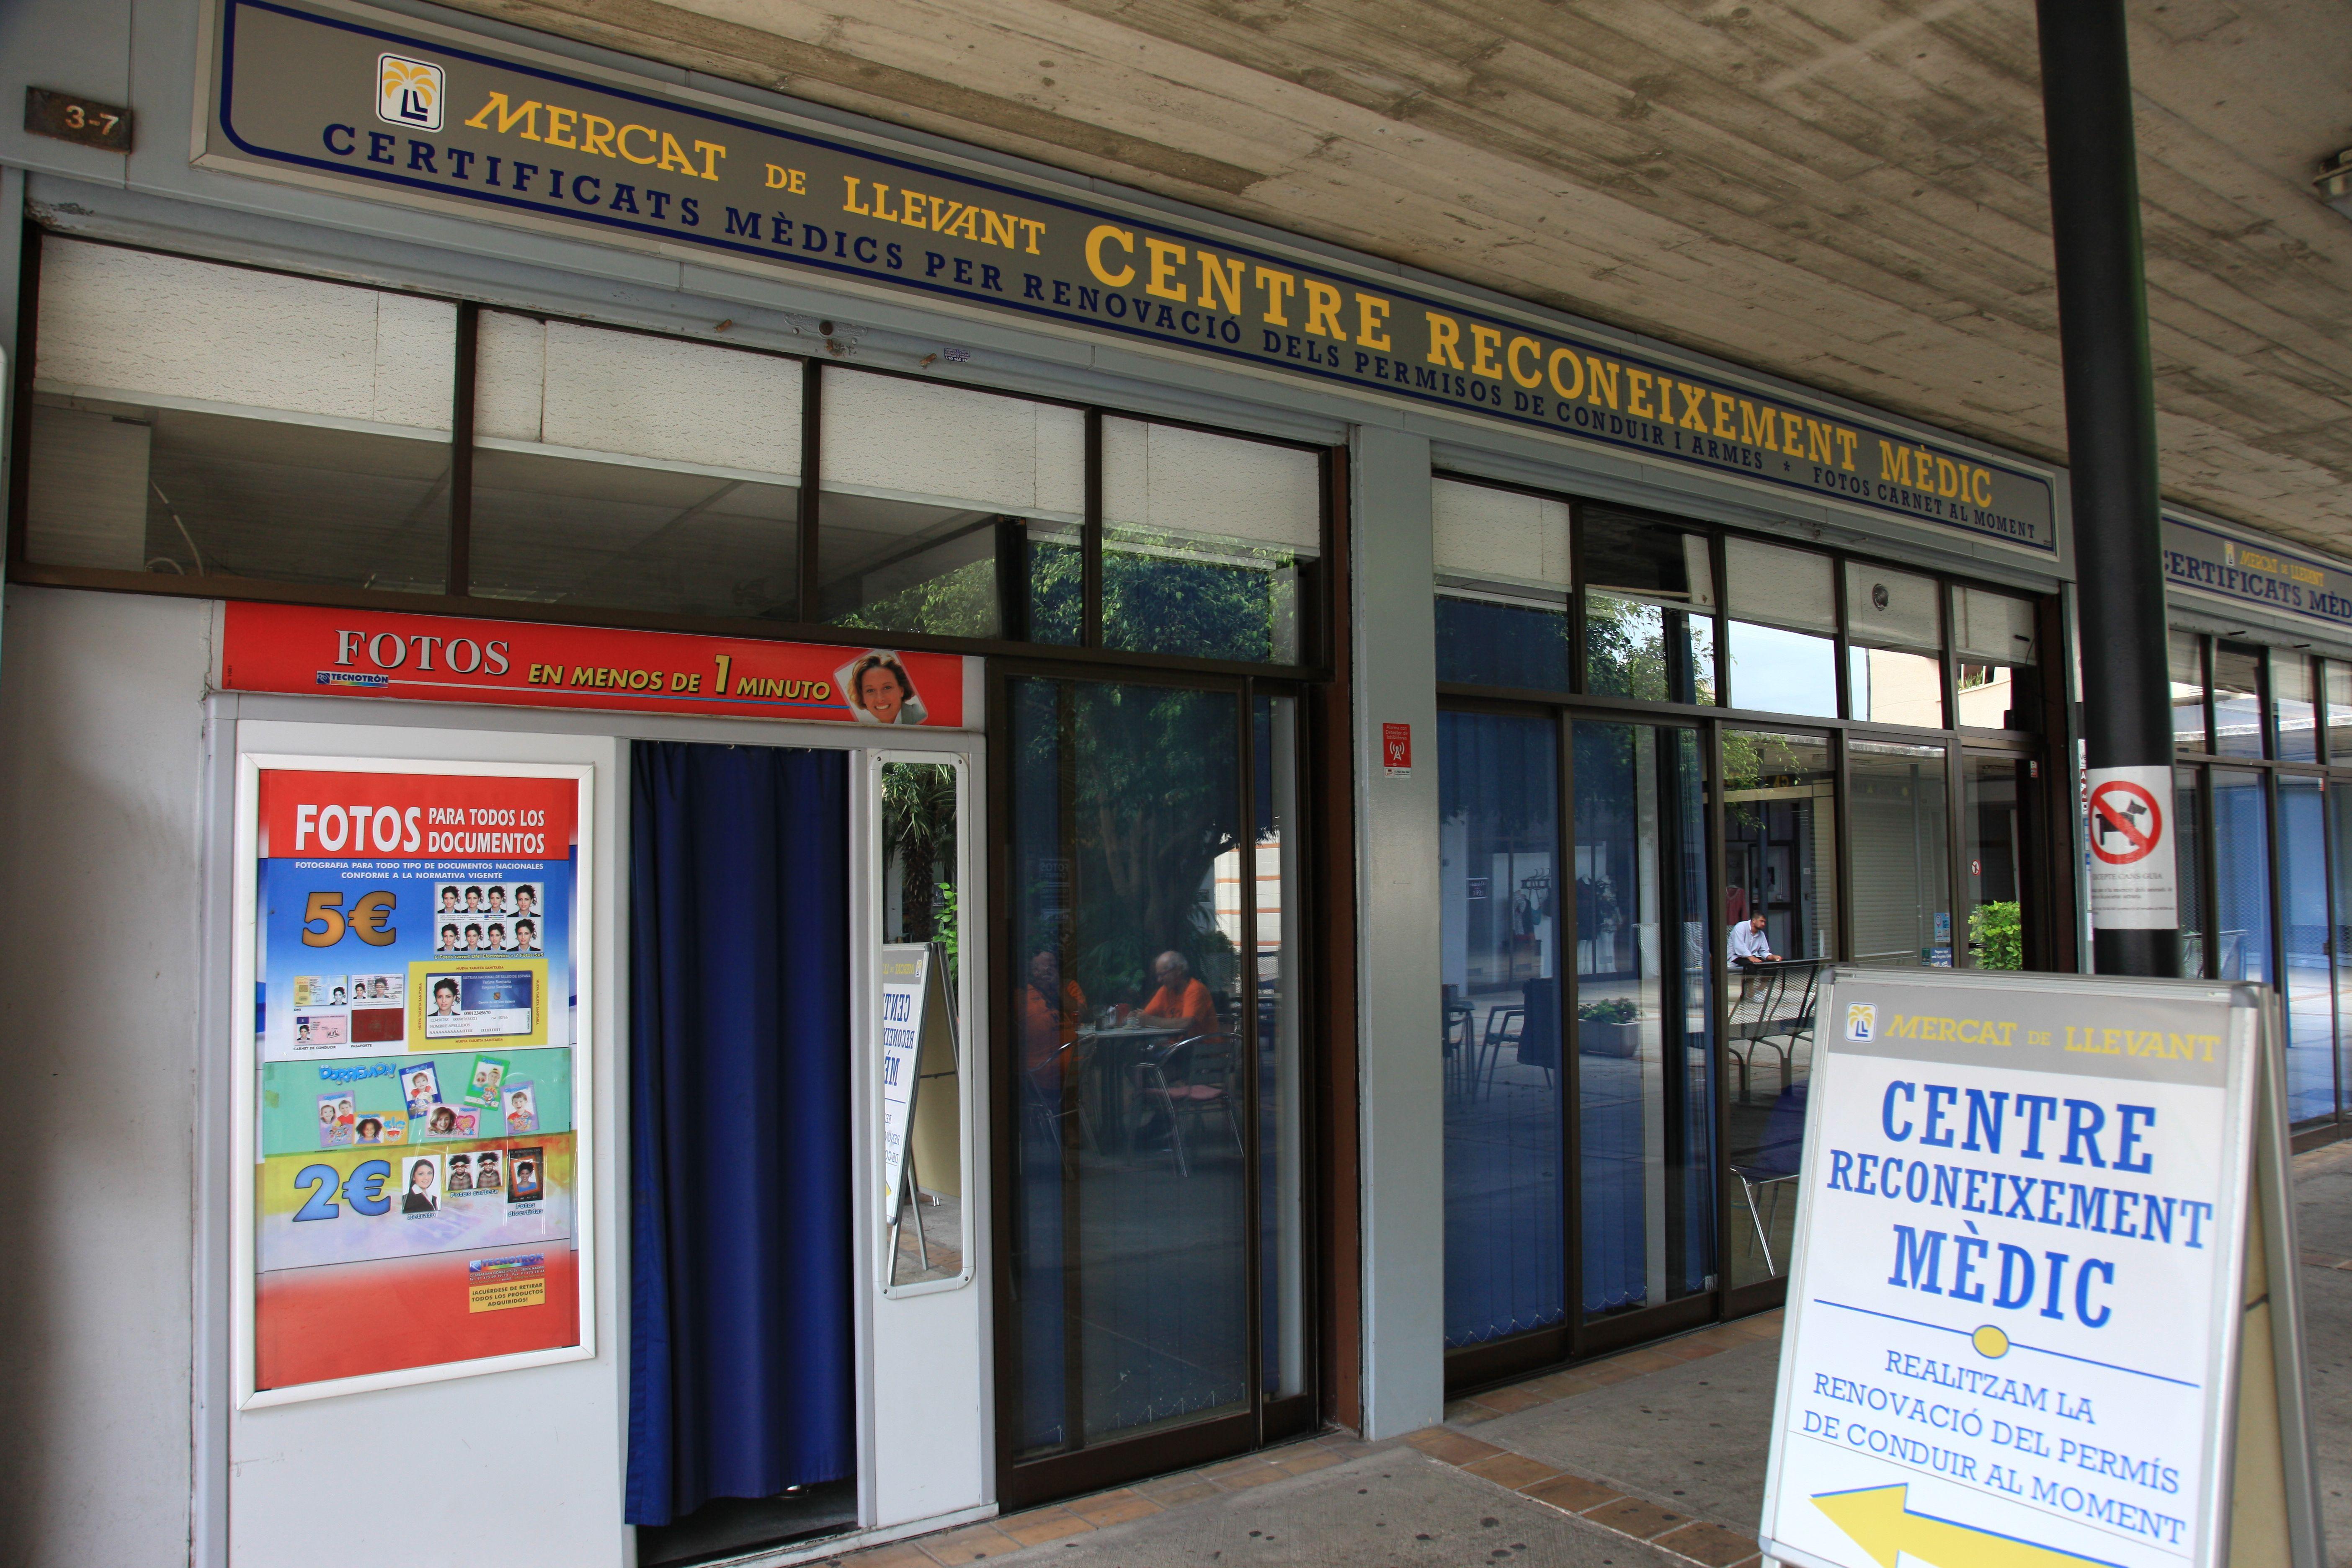 Foto 3 de Reconocimientos y certificados médicos en Palma de Mallorca | Centro Médico Mercat de Llevant